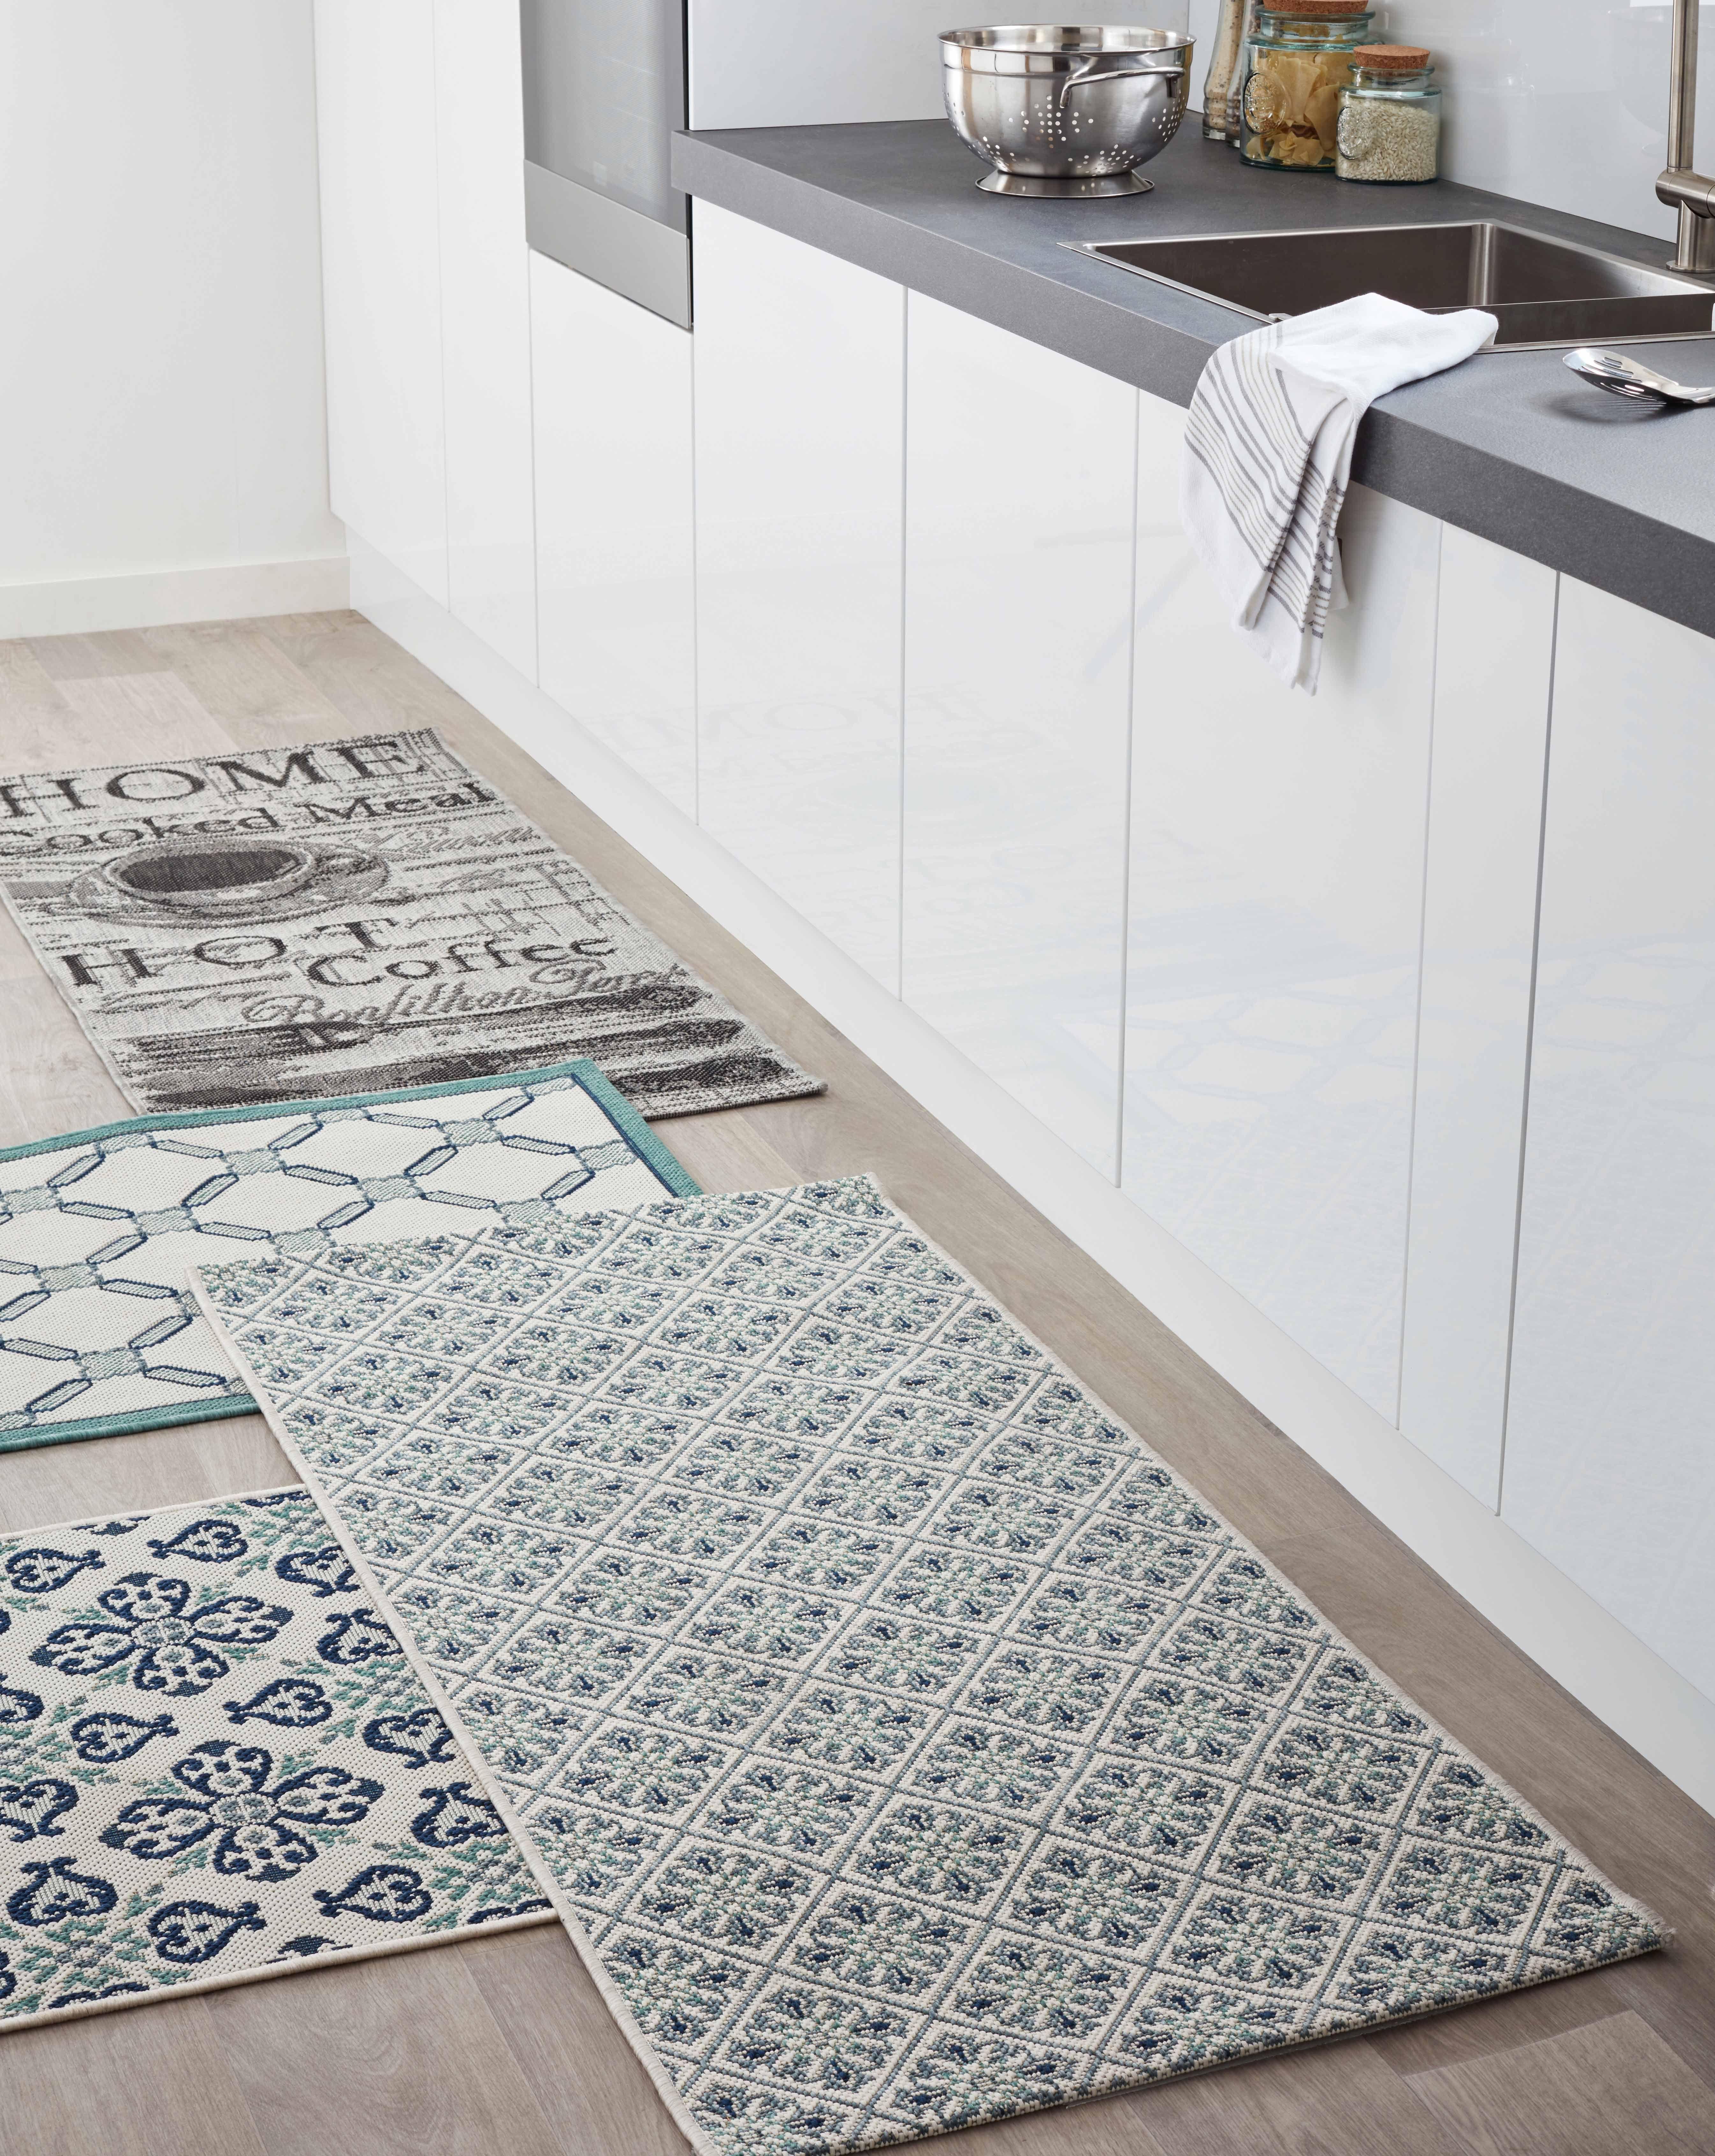 Tapis de cuisine - Décoration - Déco - Maison - Alinéa ...